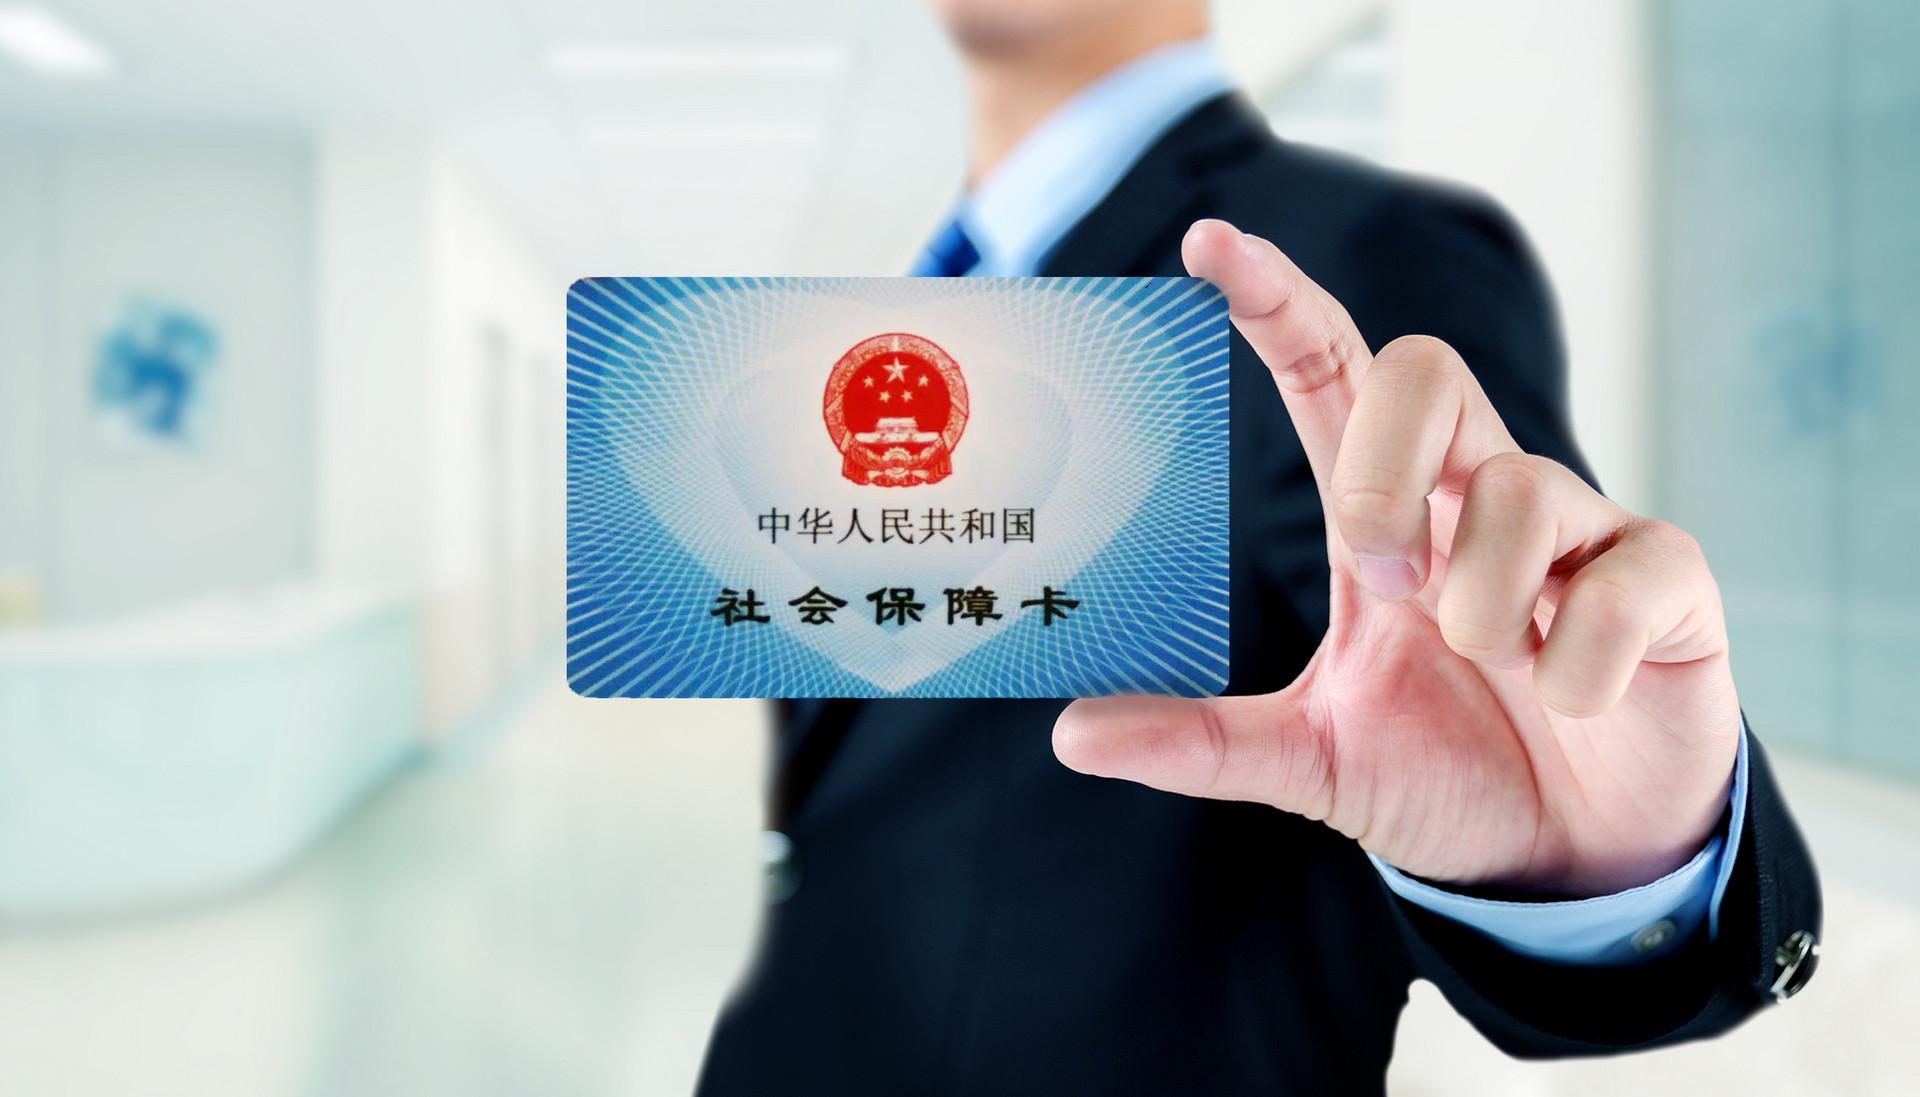 新一代社保卡的作用有哪些,盘点新一代社保卡的功能